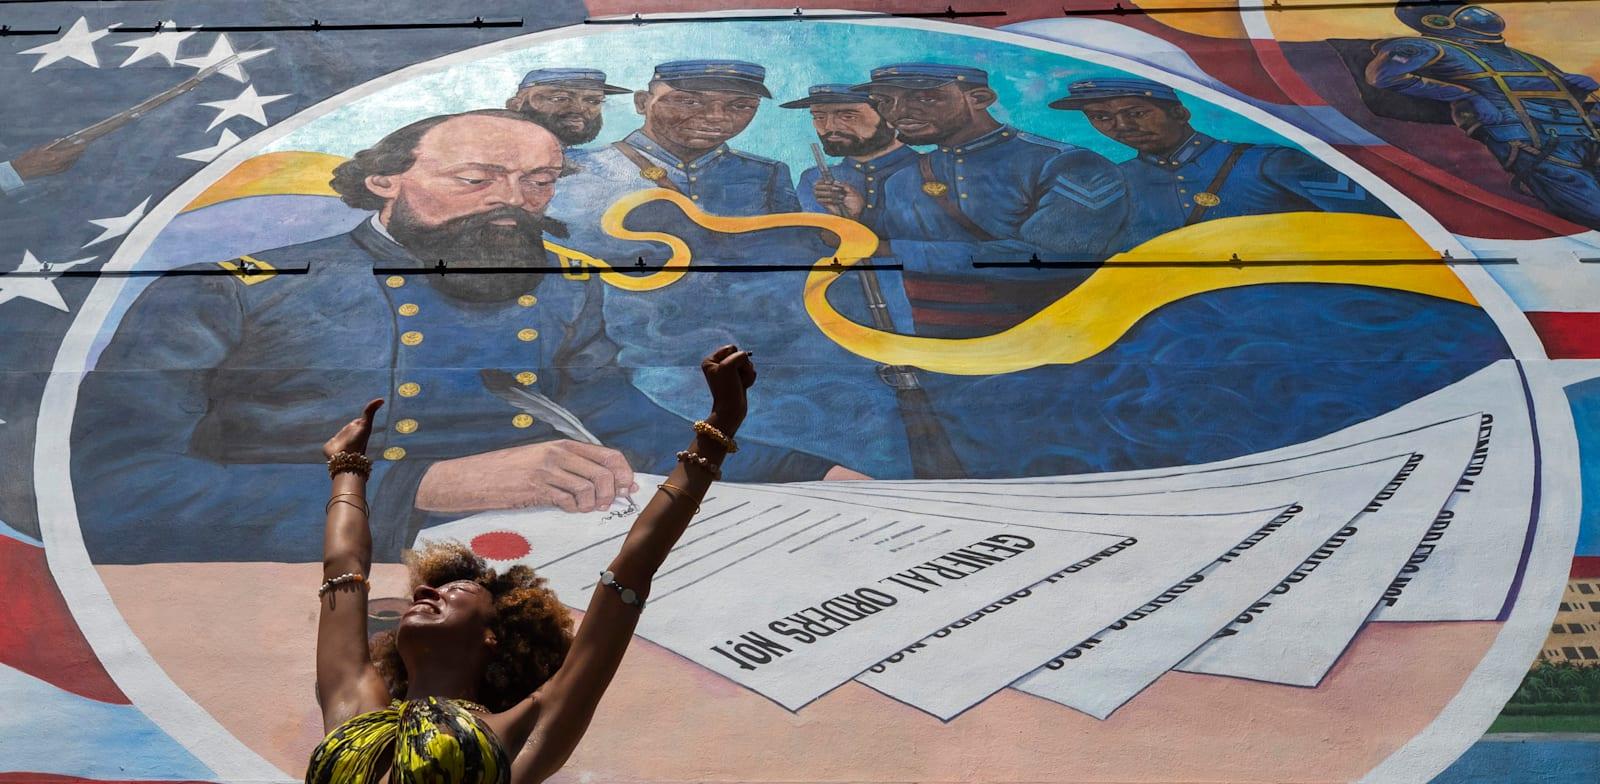 הרקדנית פרסליה מיי מבצעת ריקוד בחניכת ציור הקיר החדש / צילום: Associated Press, Stuart Villanueva